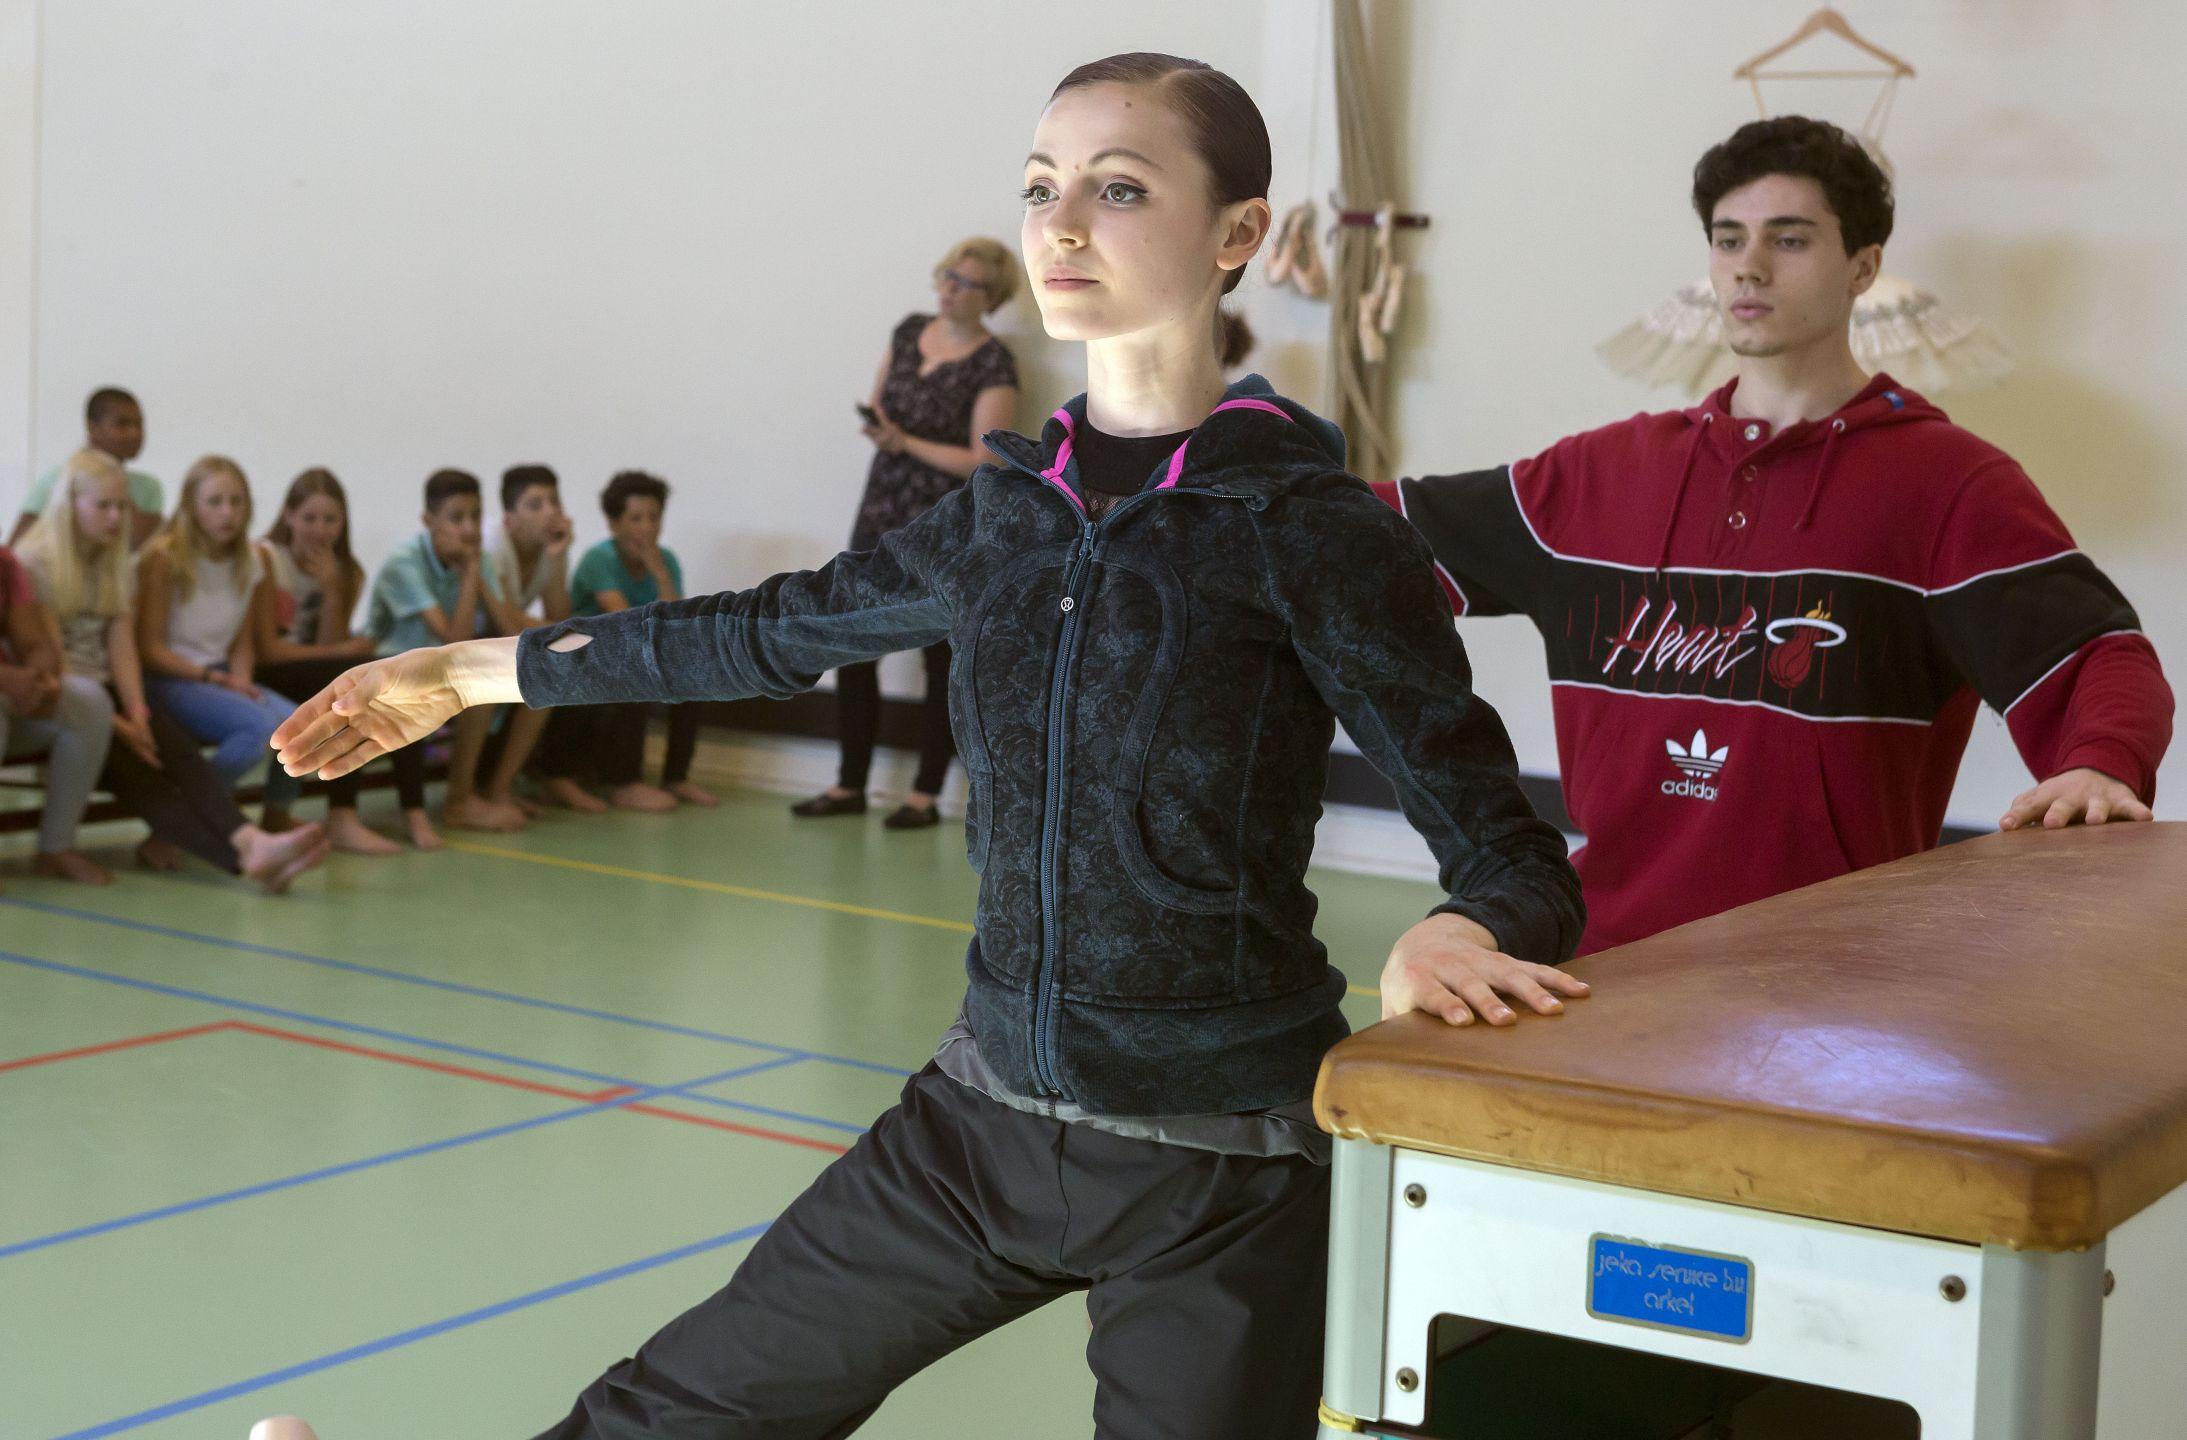 Balletdansers op school